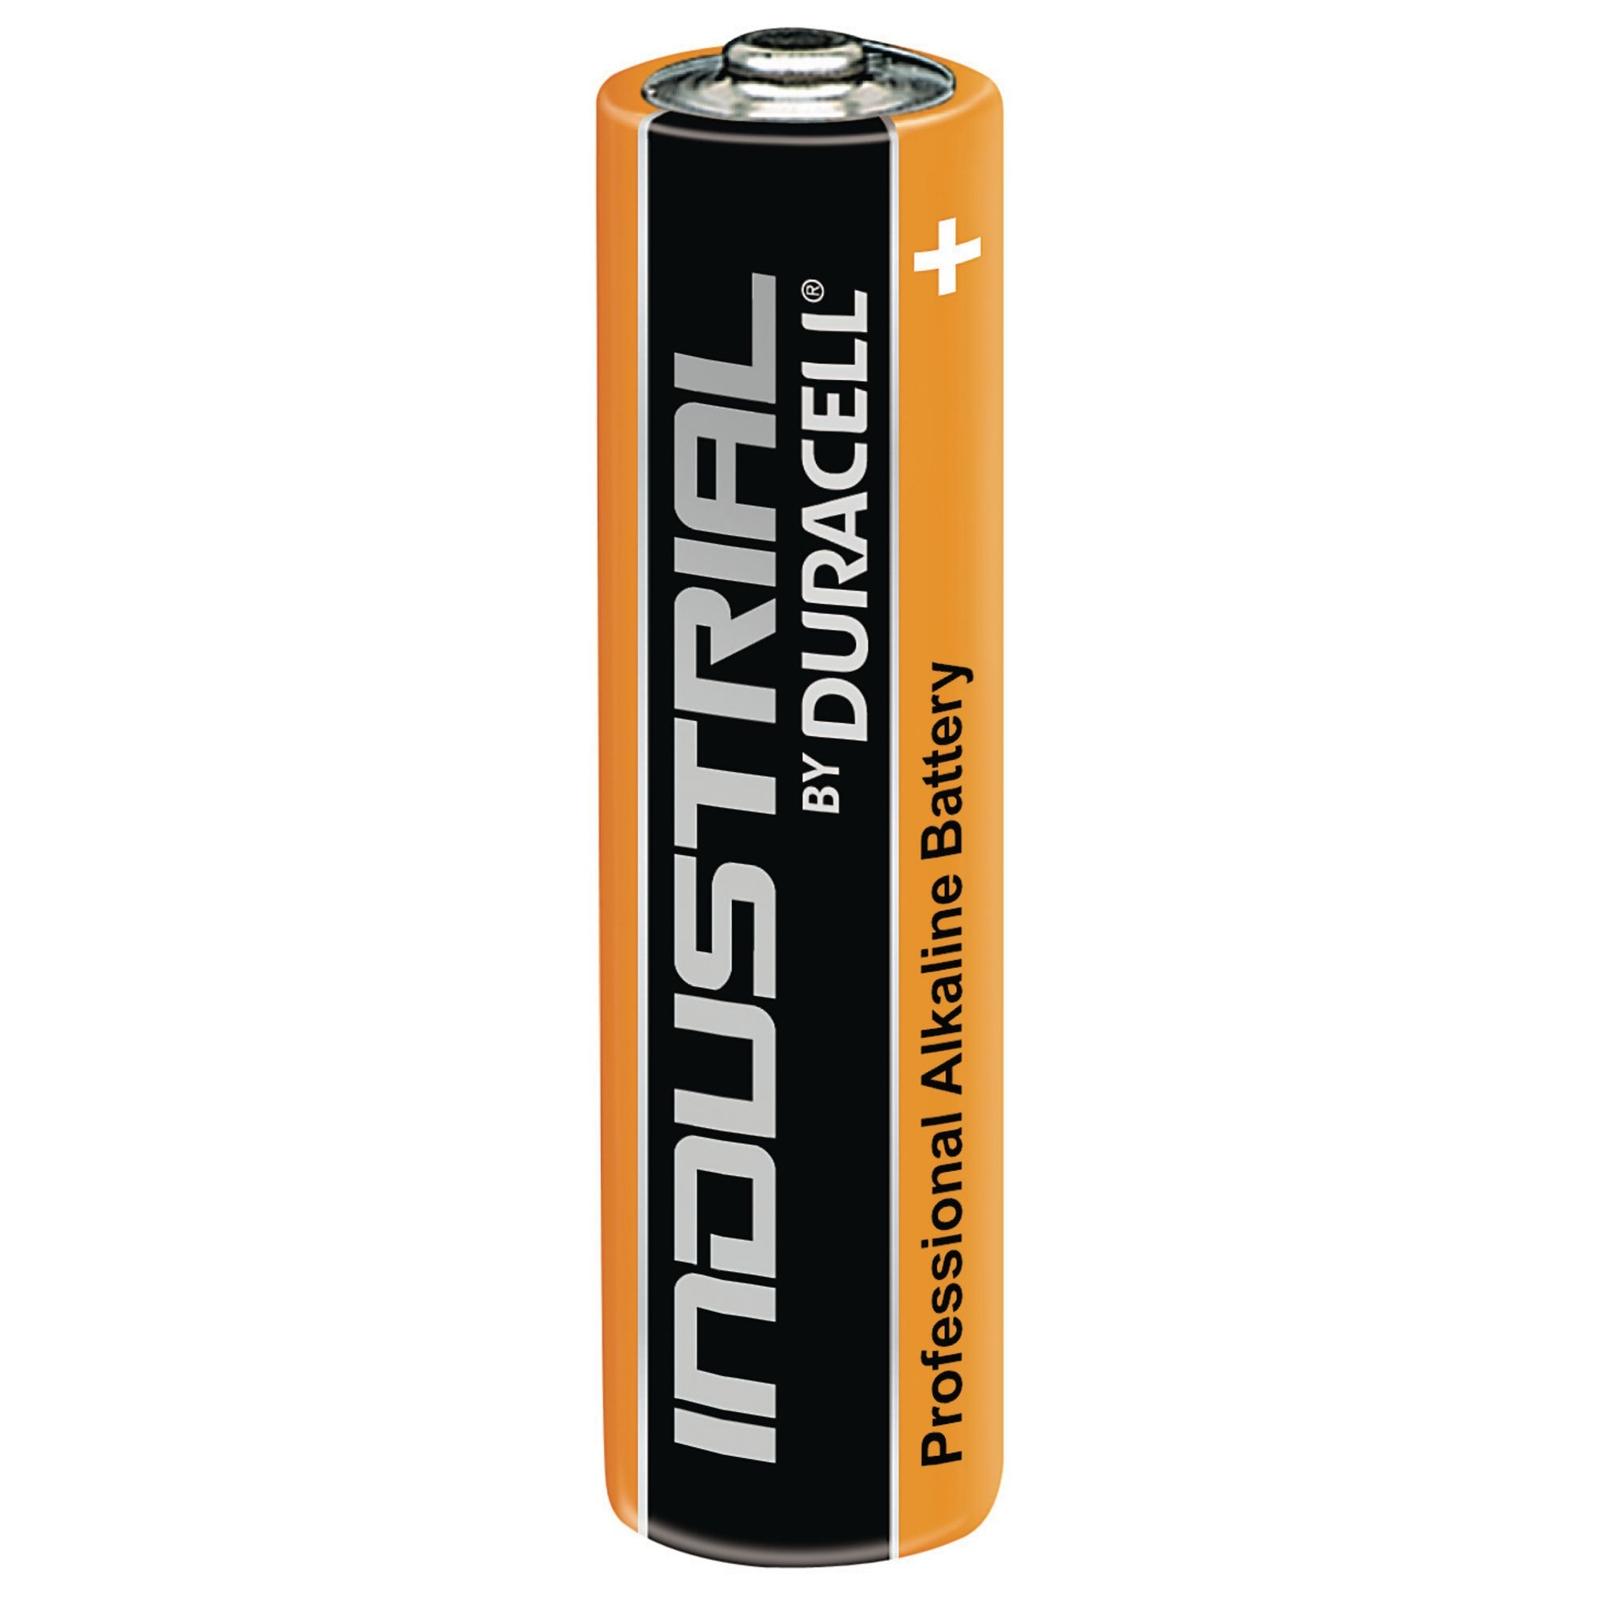 Advanced Industrial Alkaline Battery - AAA, LR03